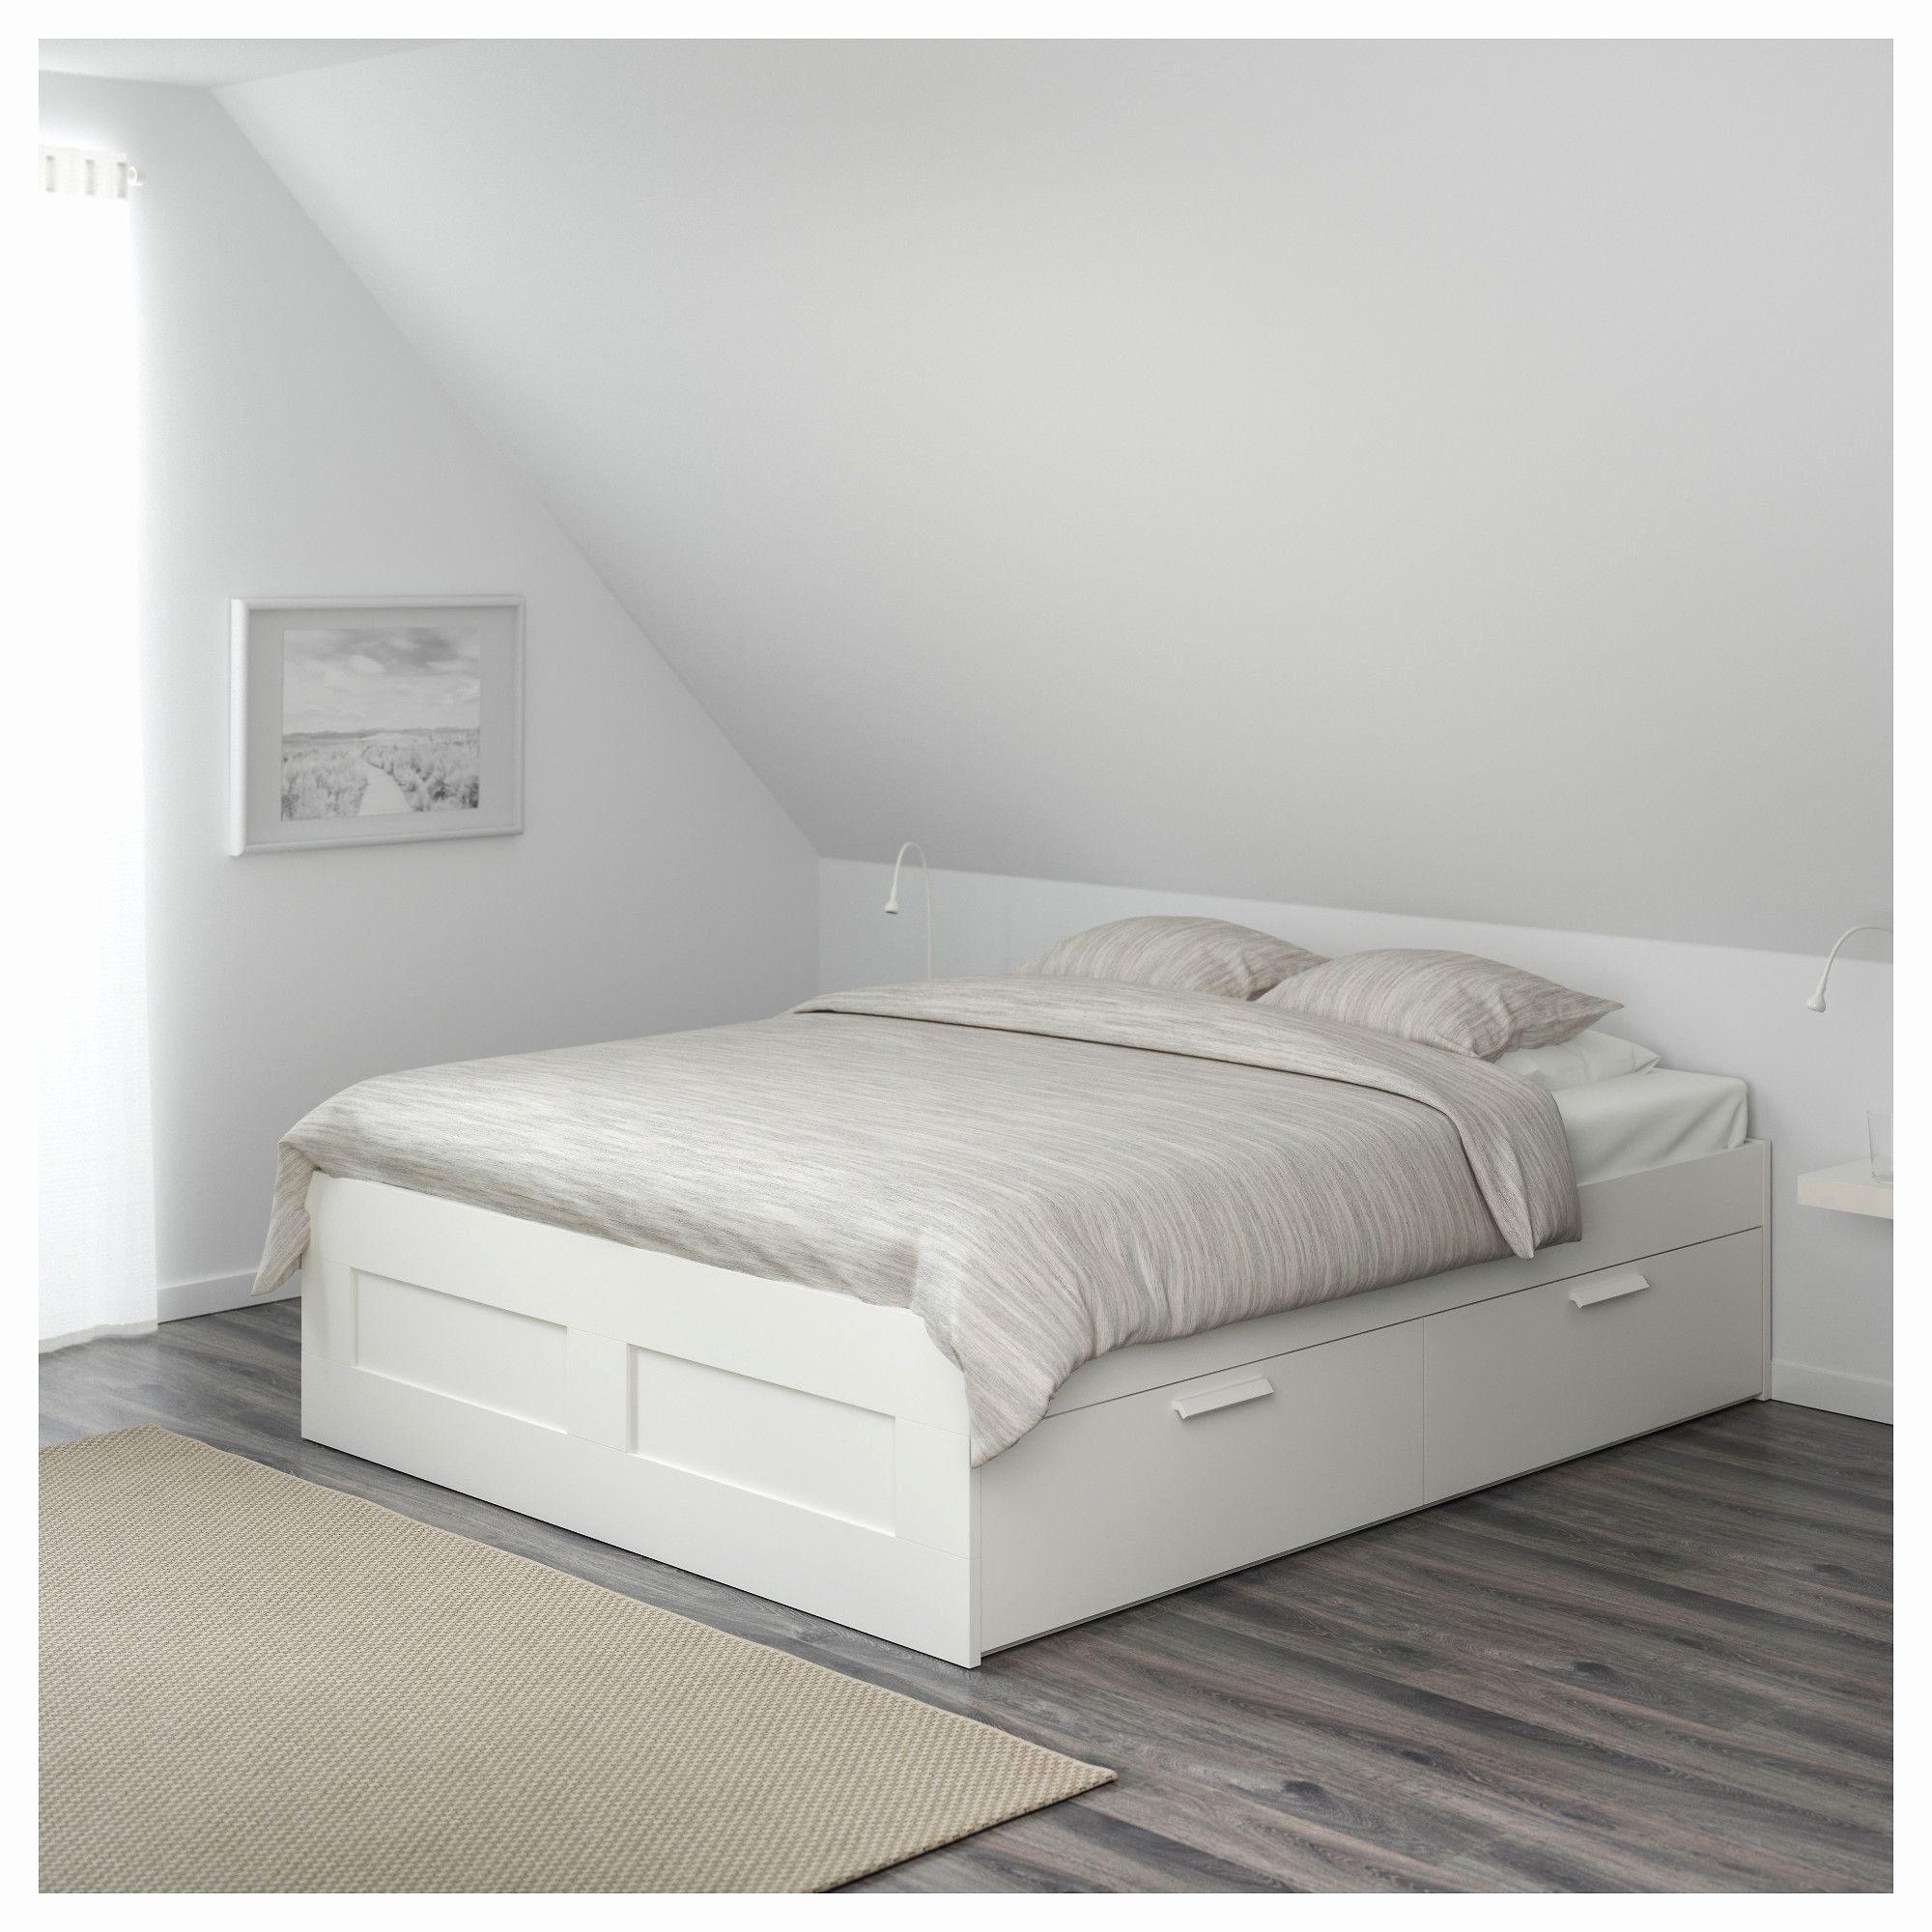 Lit 2 Places Rangement Frais Lit Blanc 2 Places Nouveau Lit 2 Places Avec Rangement Ikea Brimnes